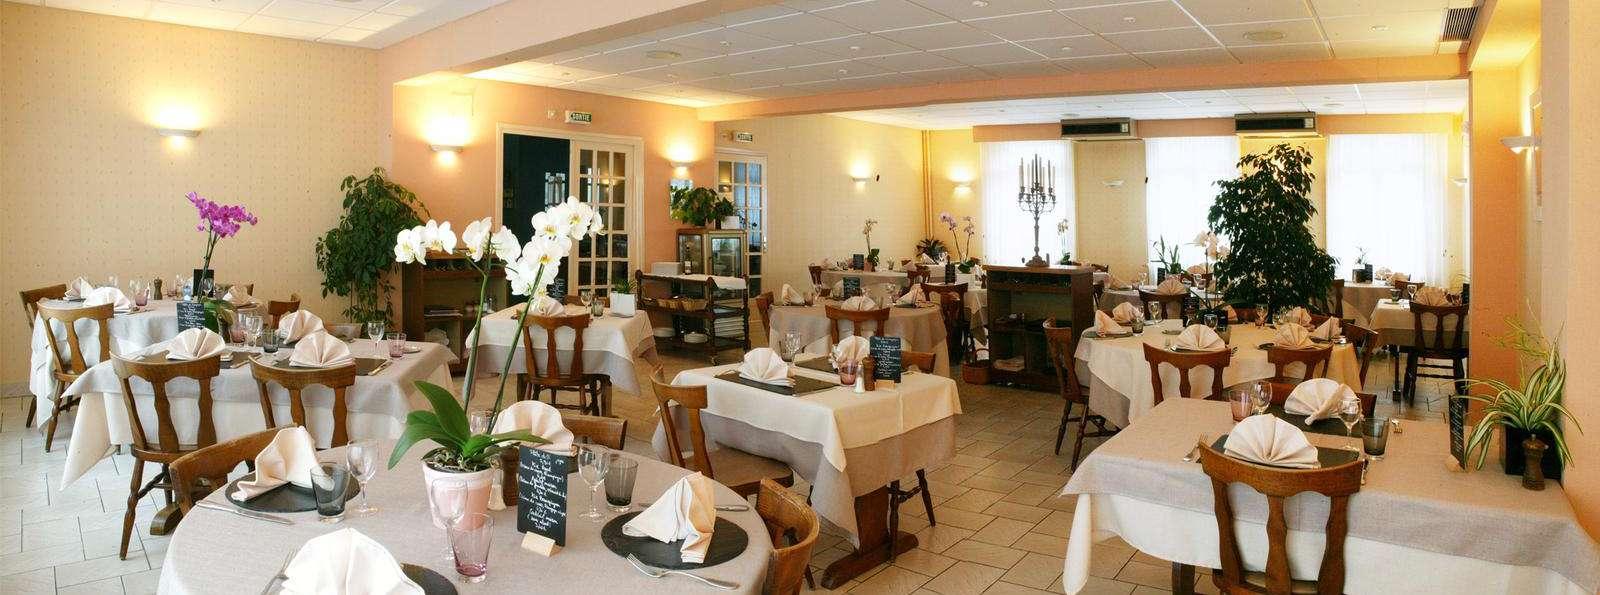 360286_1600_595_FSImage_1_Des_voyageurs_Tarnac_restaurant.jpg